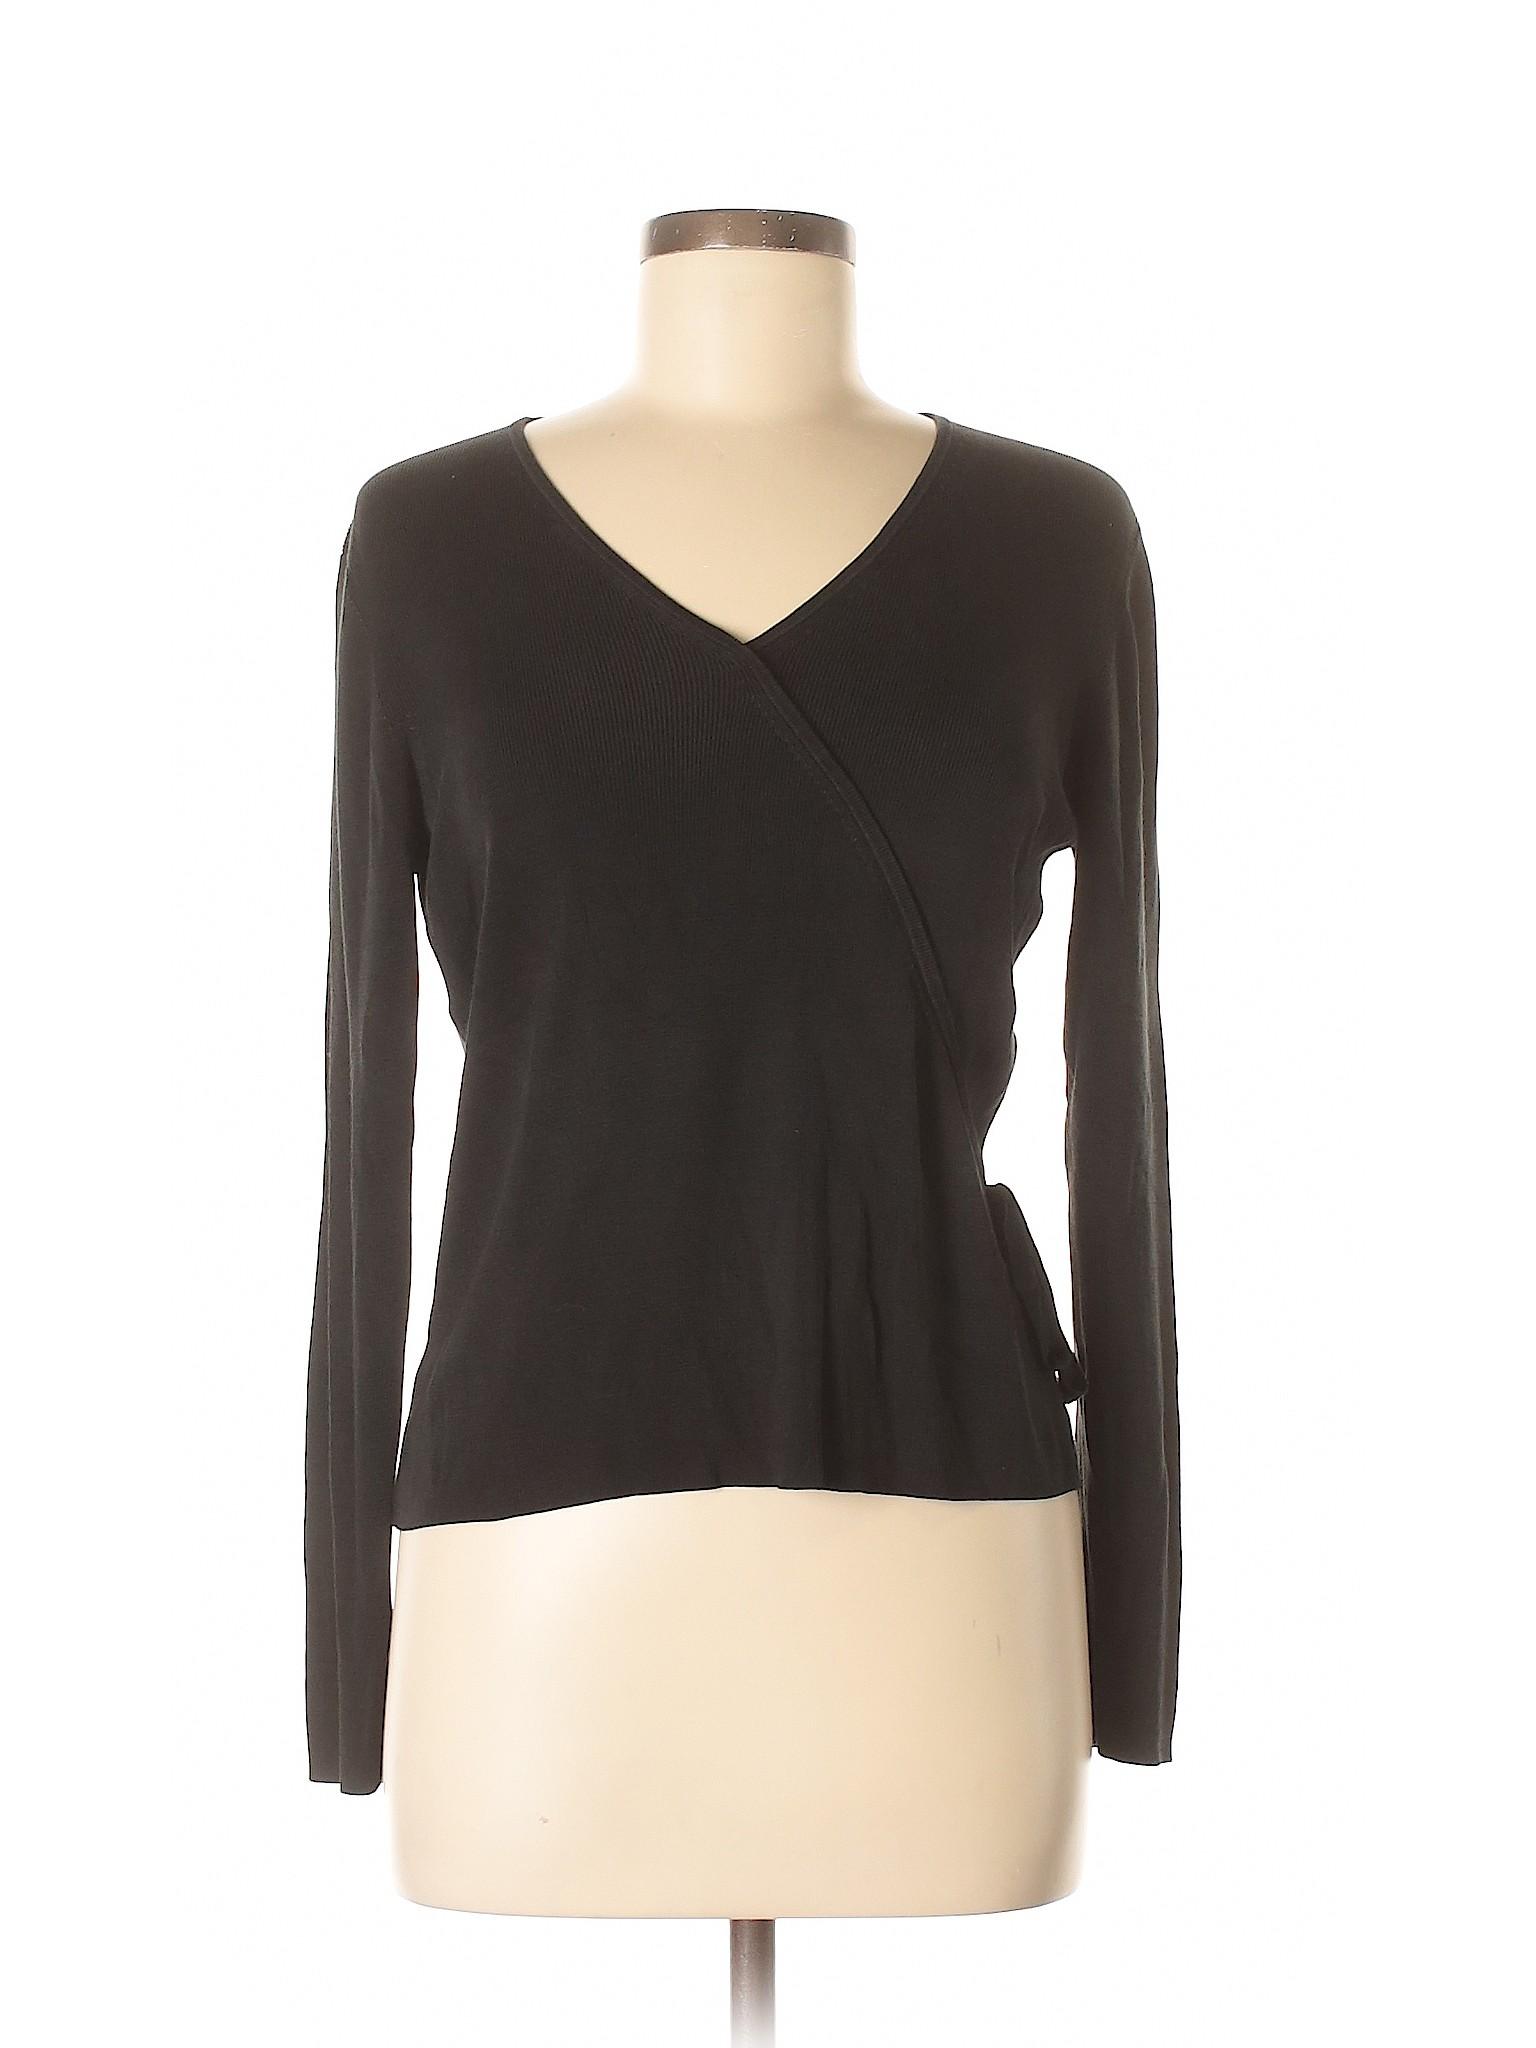 Silk Boutique winter Sweater Taylor Ann Pullover t6wF1wTPxq